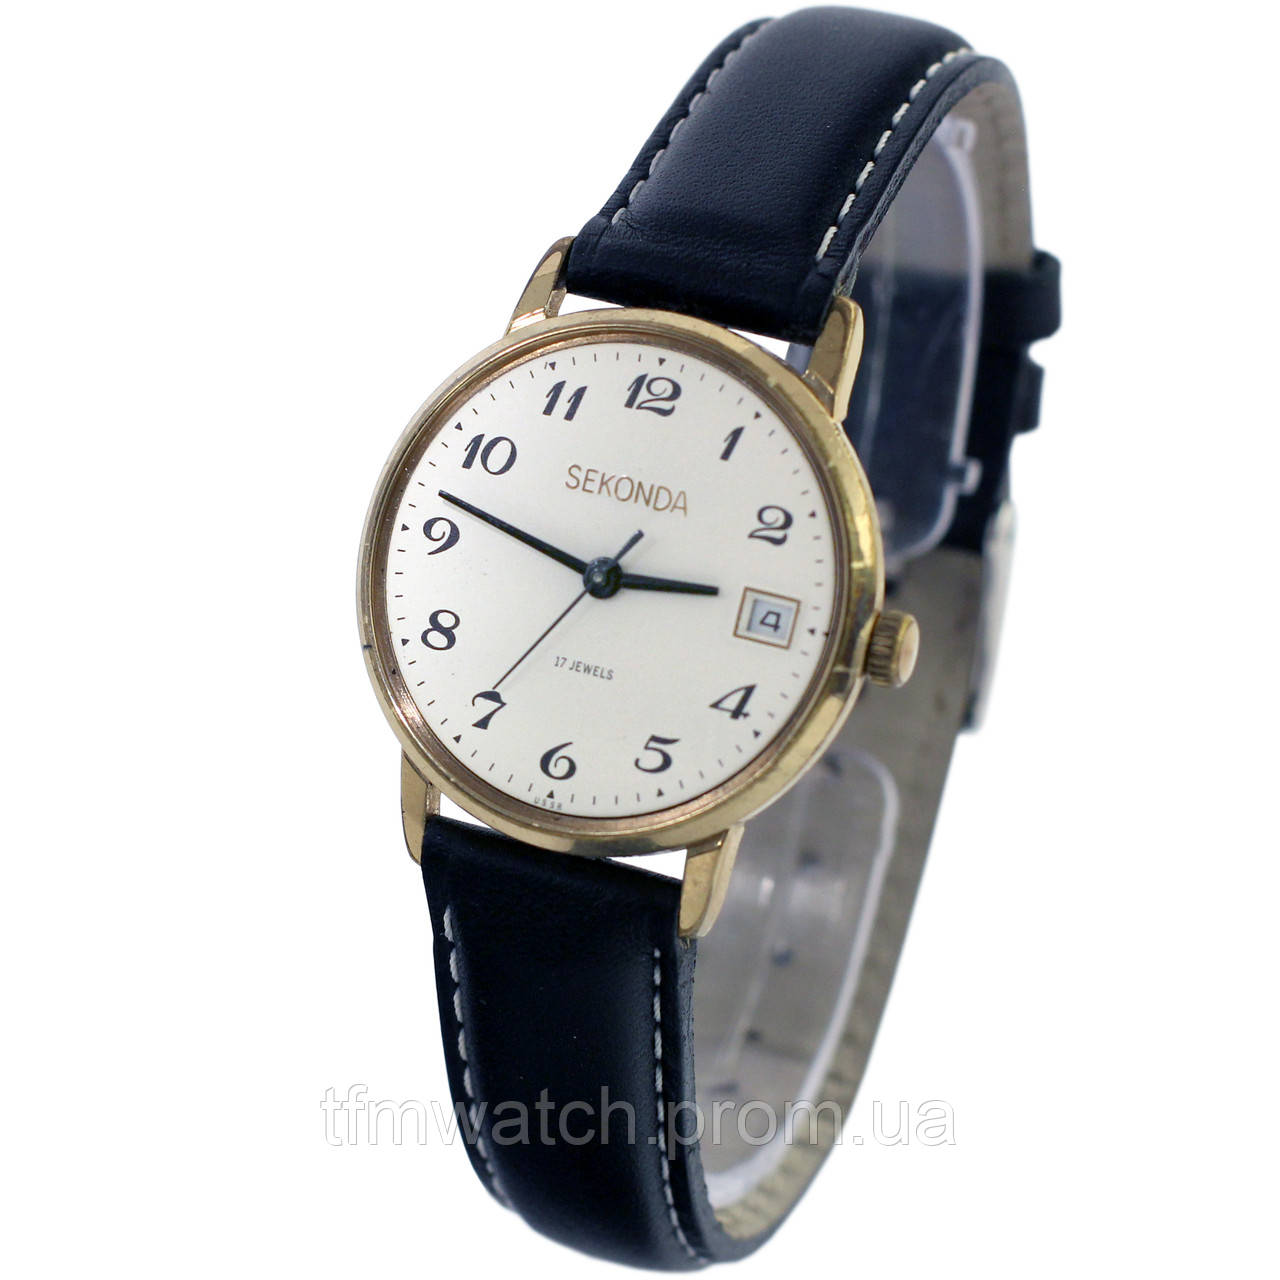 Продать часы sekonda часы стоимость телефон